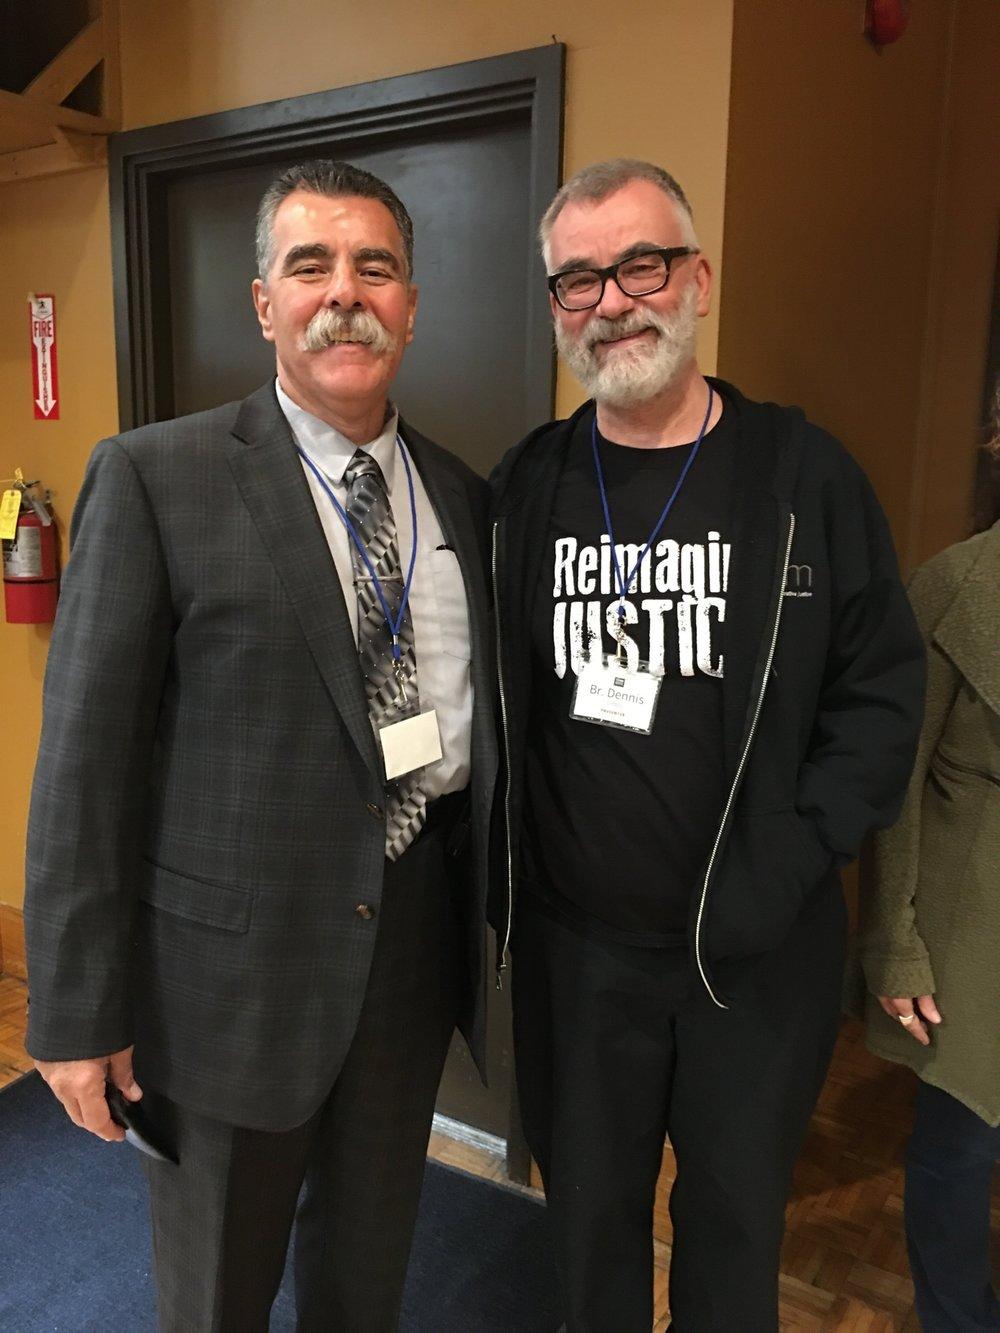 conference - Jack and Dennis.JPG